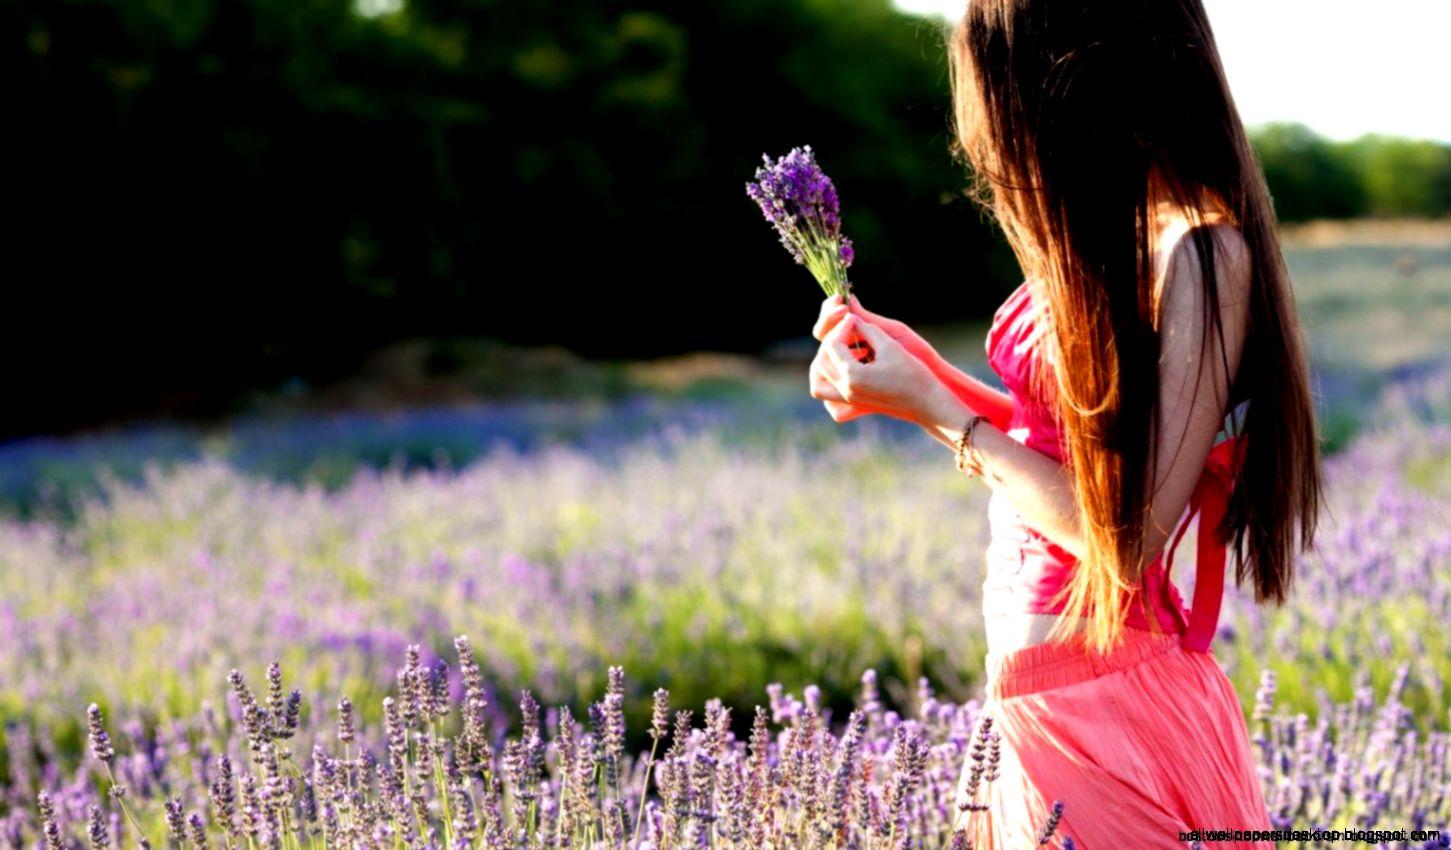 Girl Field Flowers Mood Hd Wallpaper  Best Desktop Wallpapers